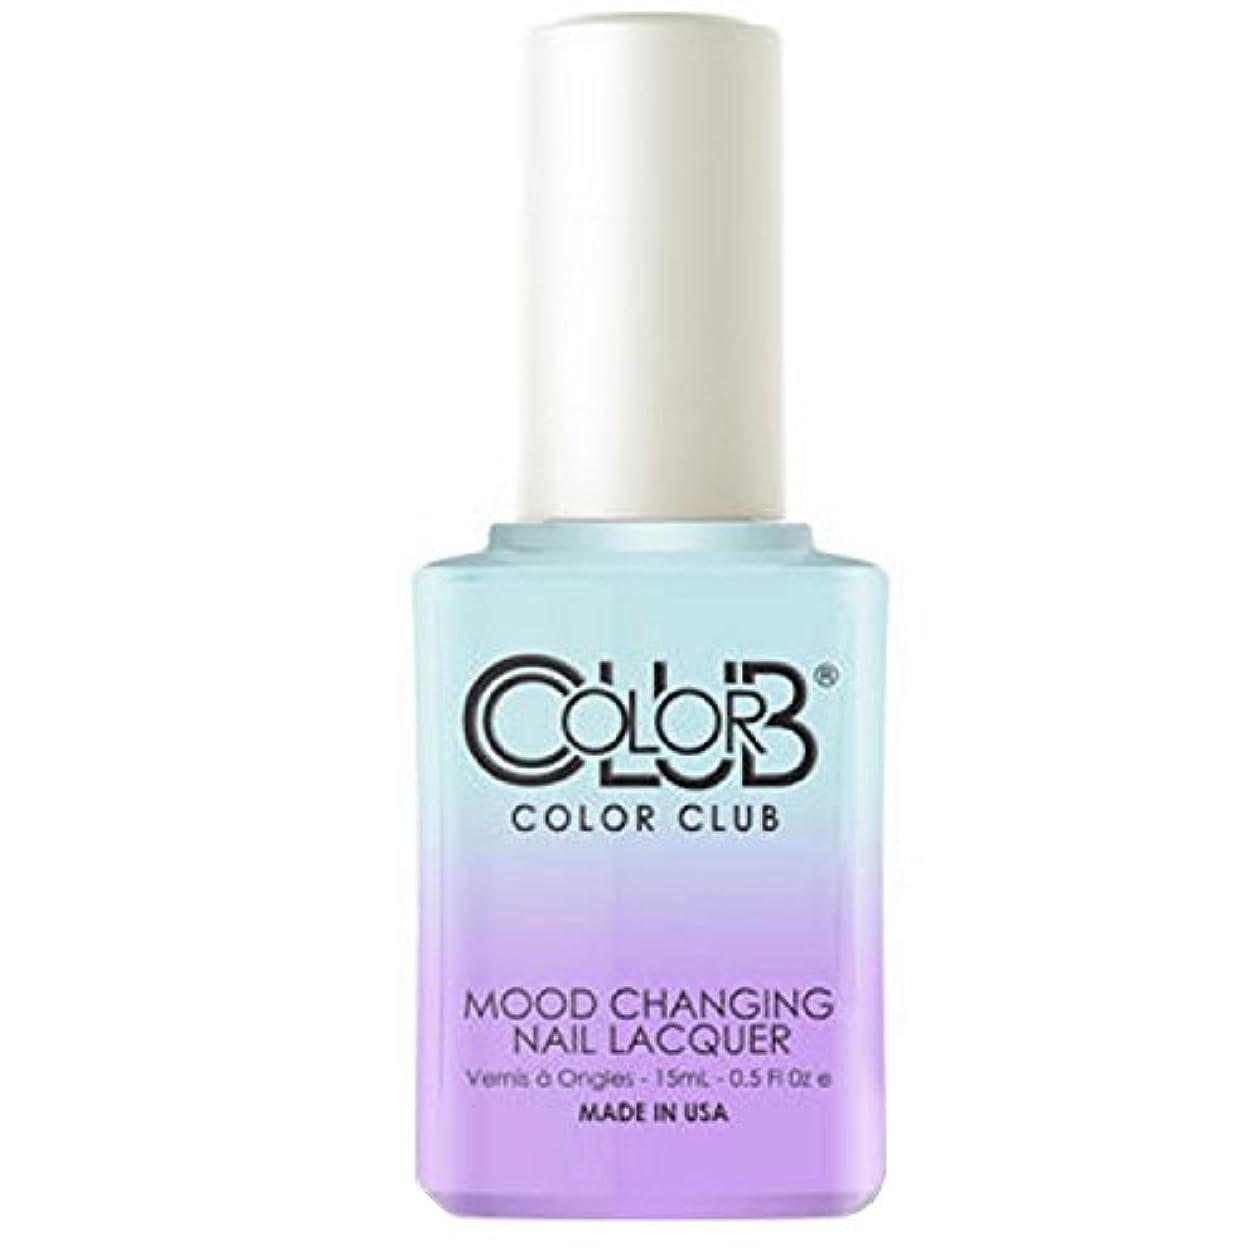 墓神経衰弱音楽Color Club Mood Changing Nail Lacquer - Blue Skies Ahead - 15 mL / 0.5 fl oz